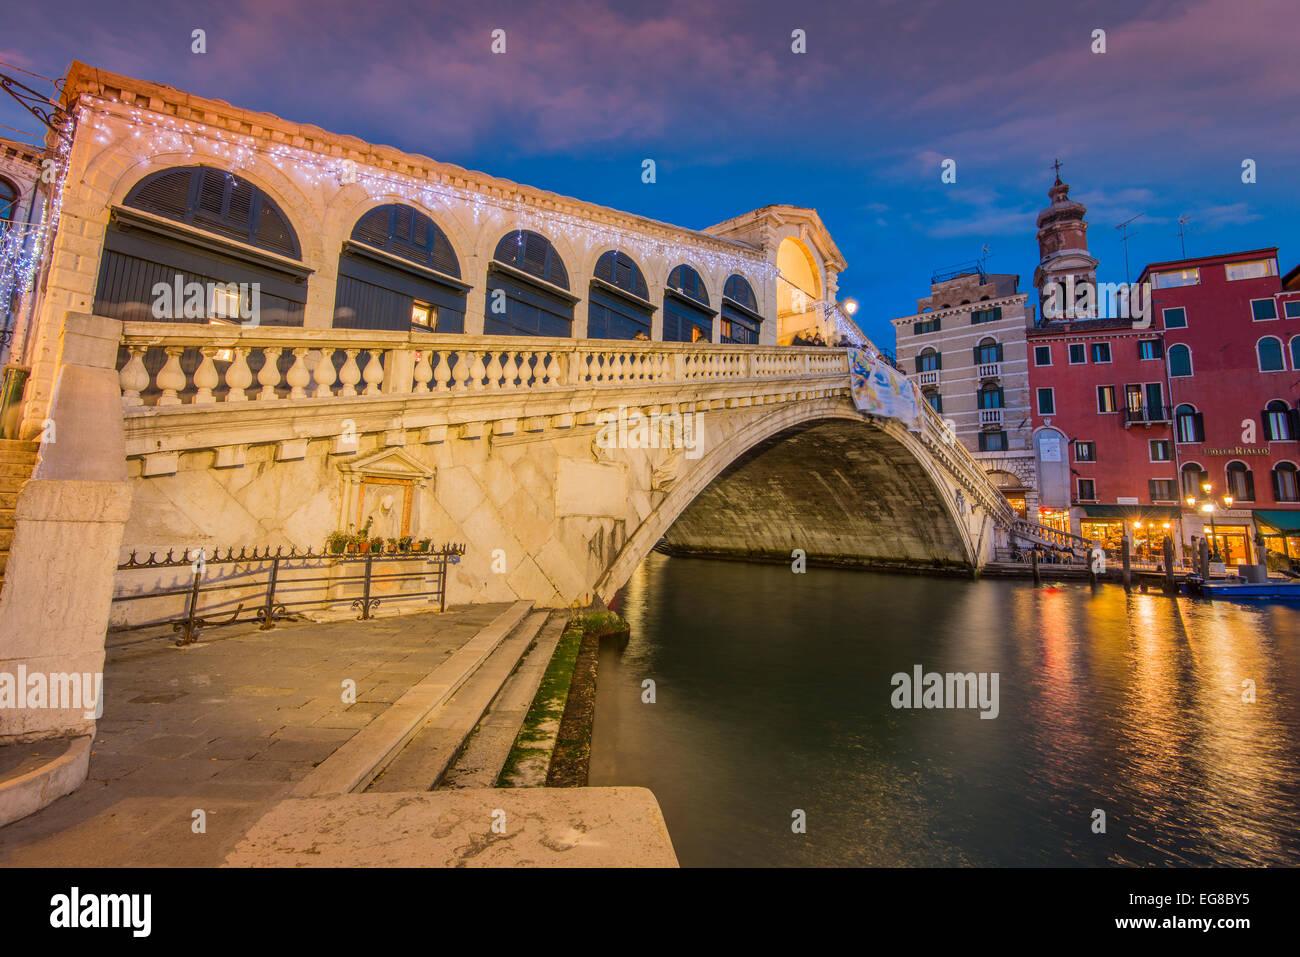 Ponte di Rialto al crepuscolo, Venezia, Veneto, Italia Immagini Stock